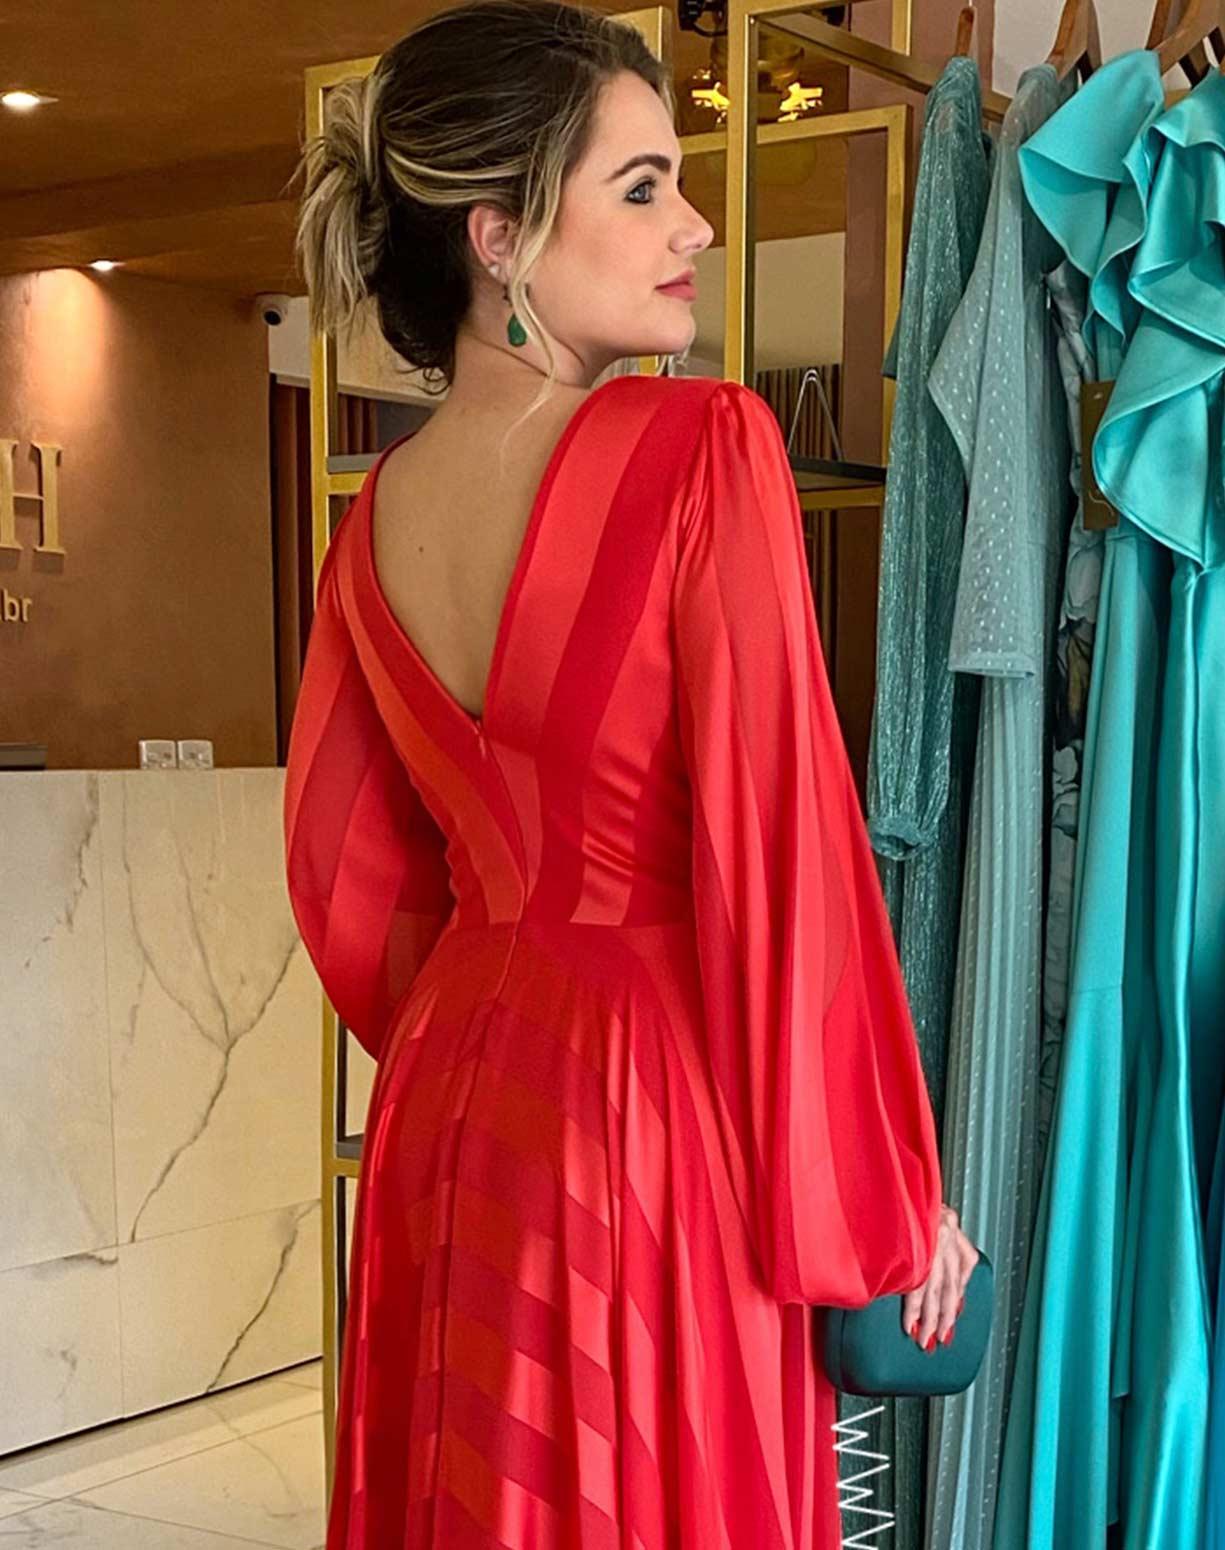 Vestido Vermelho com Listras em Seda e Organza